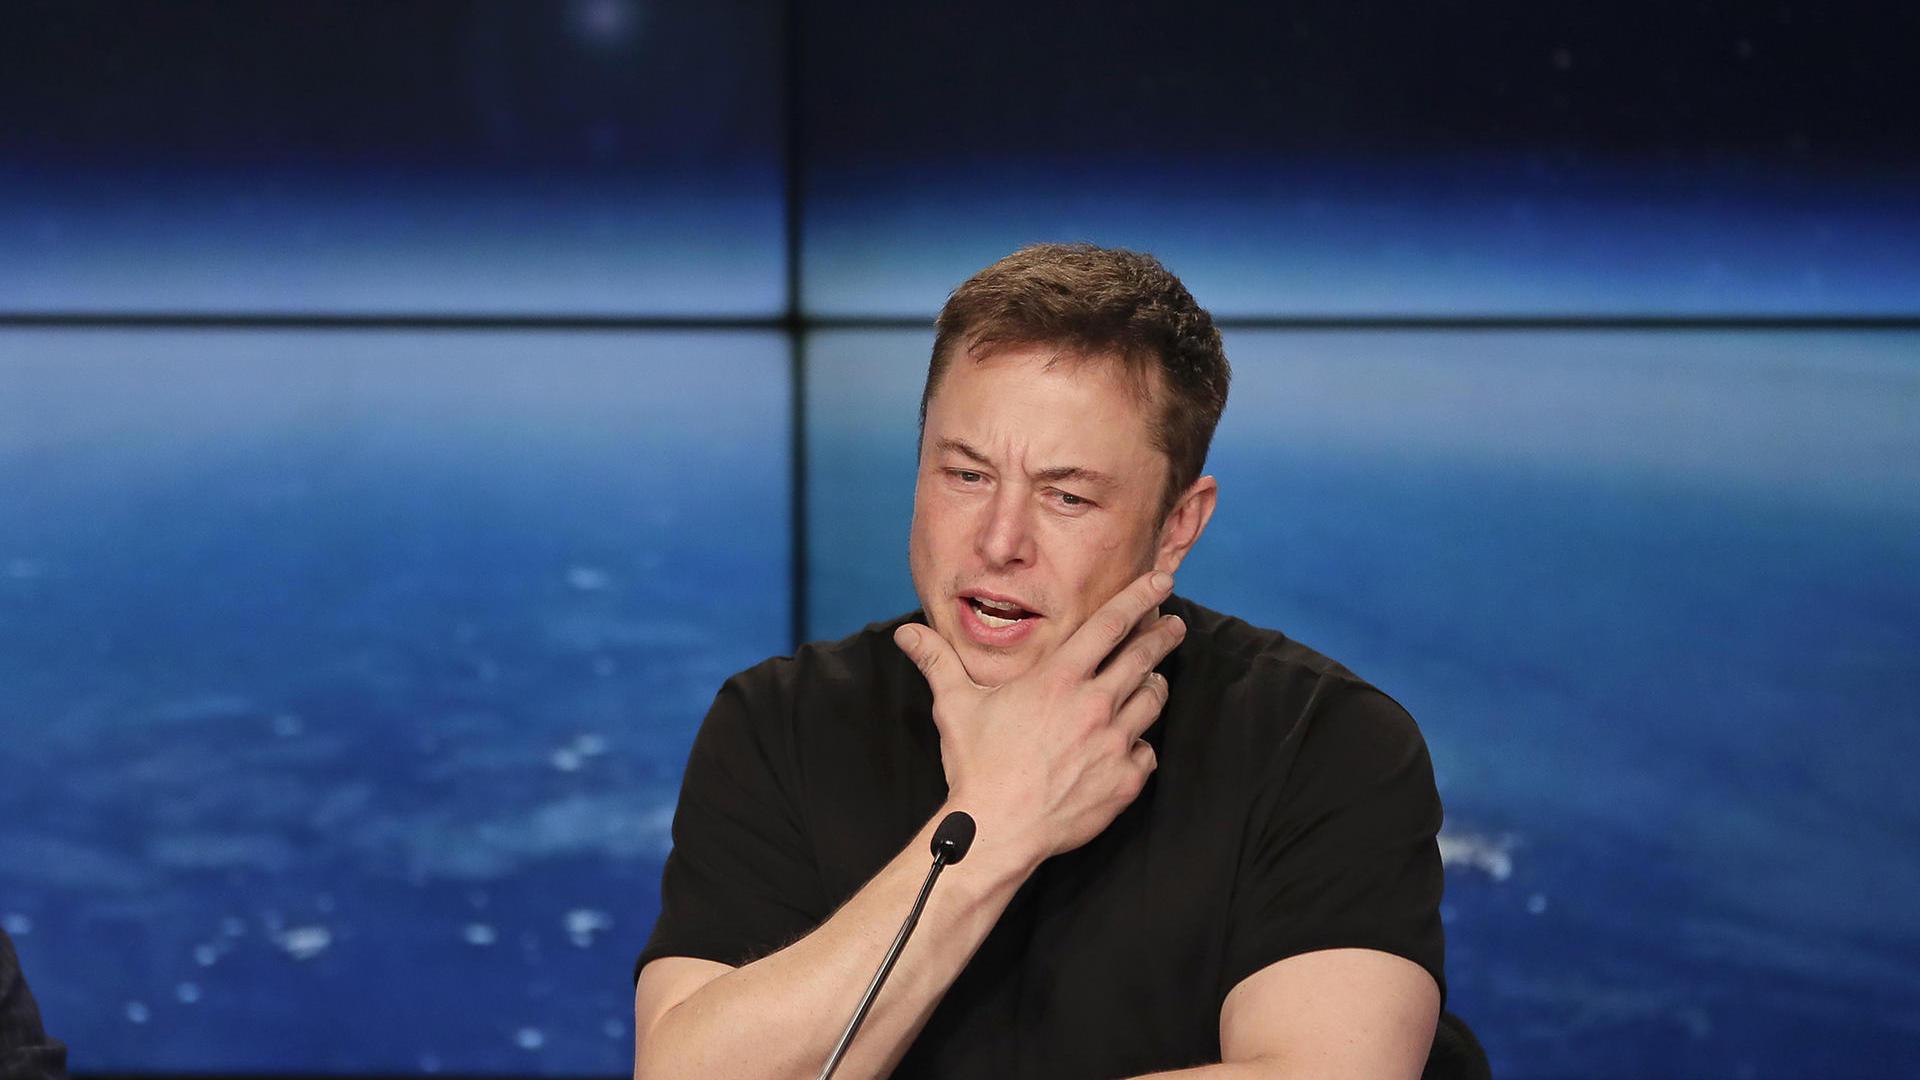 Илон Маск опроверг информацию о том что он подарил электрическую машину Tesla президенту Беларуси